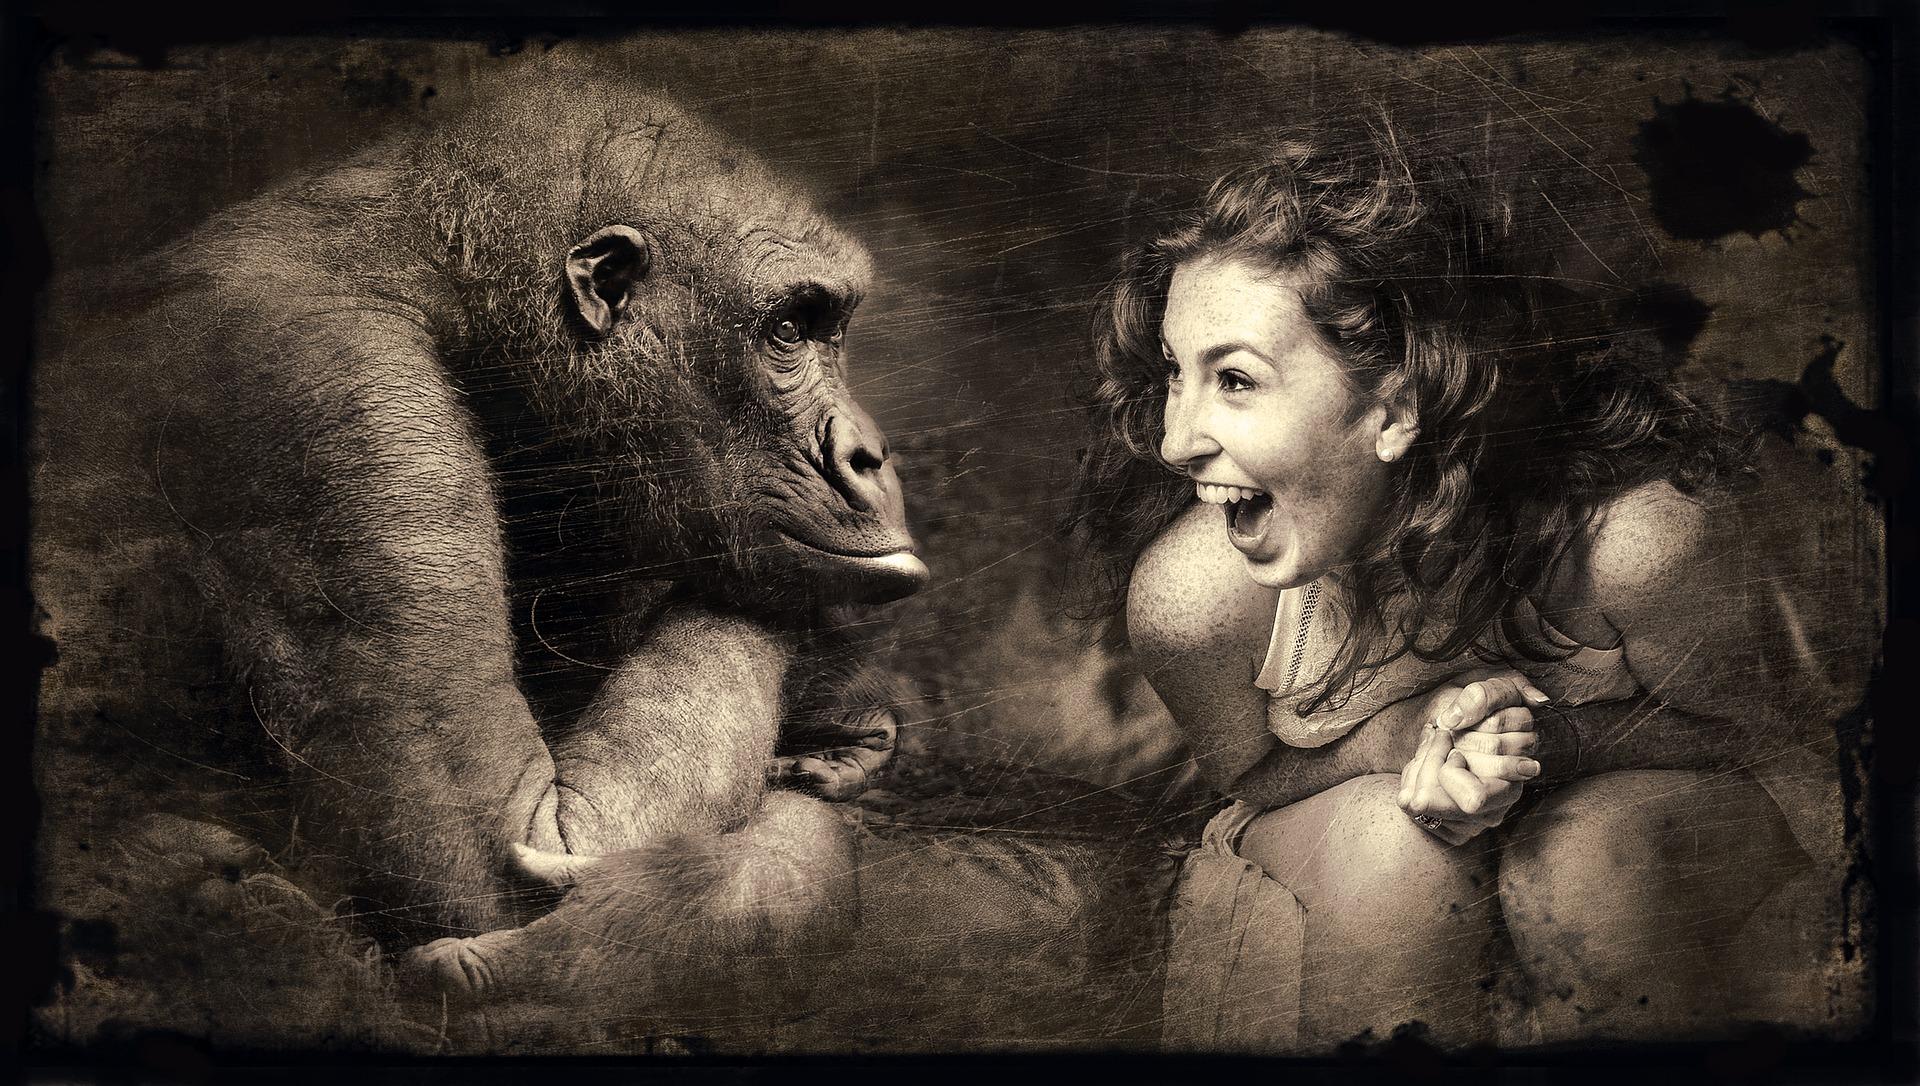 構成します 猿 女性 · Pixabayの無料写真